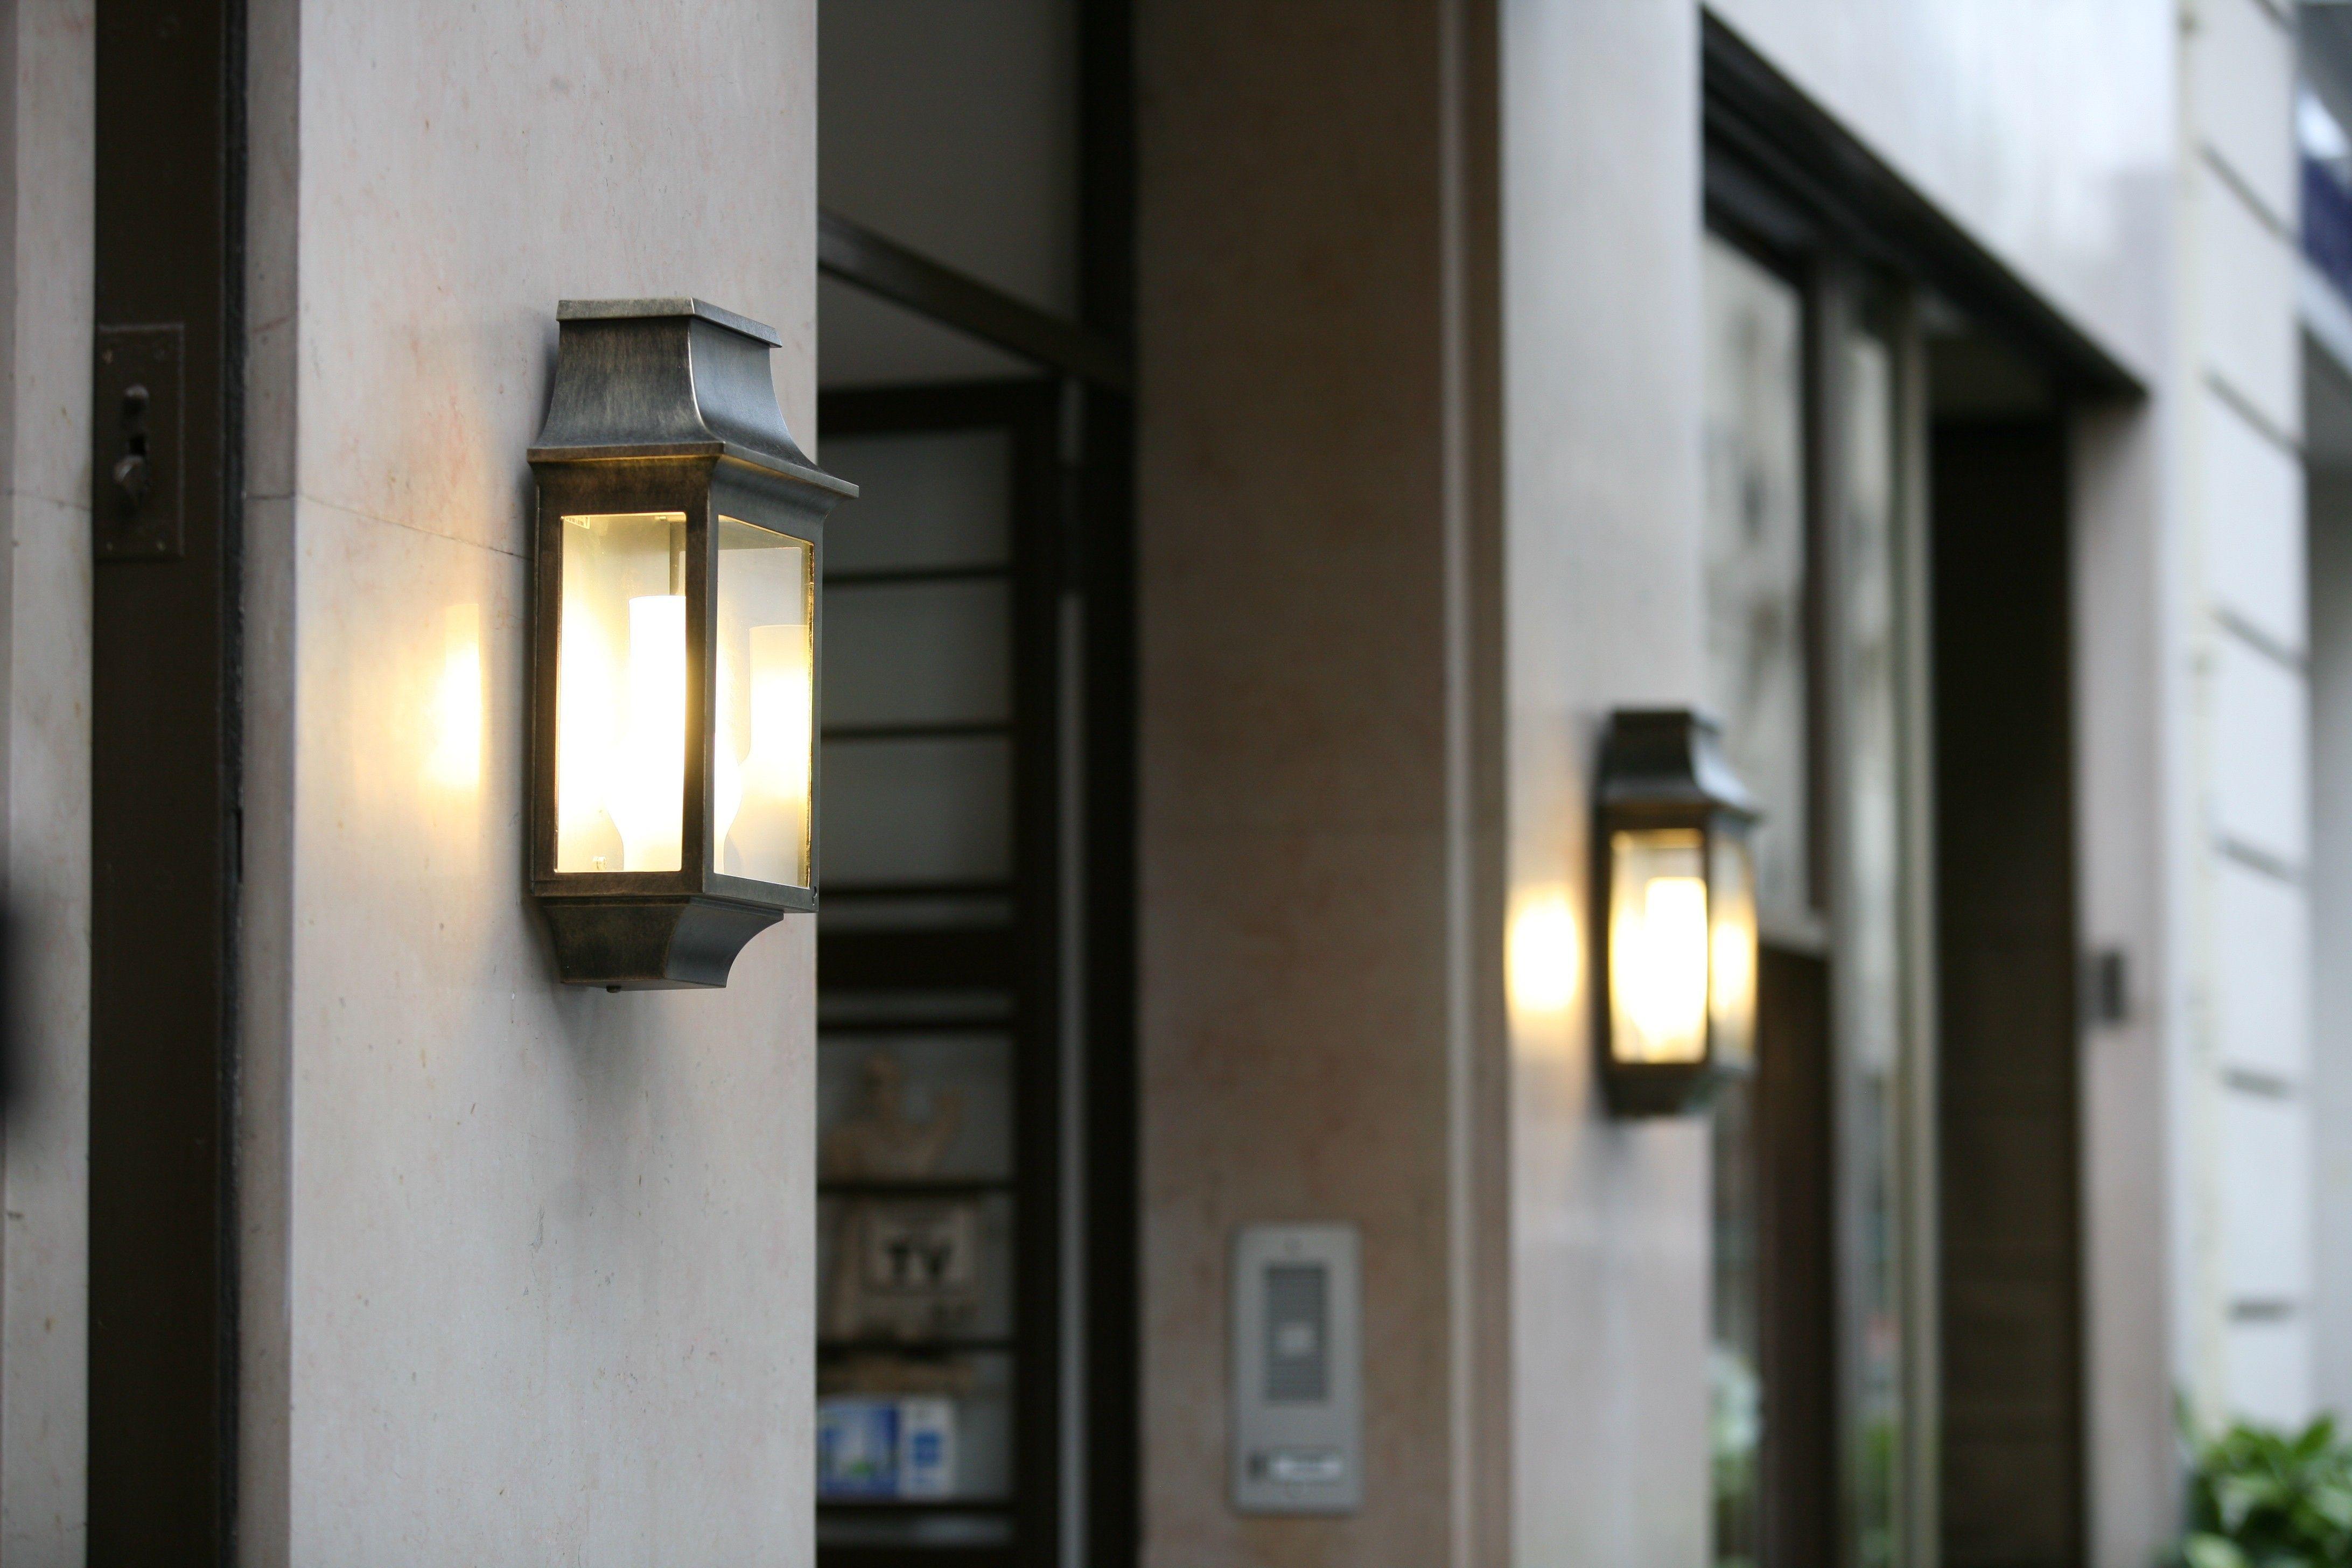 Lampioni Per Arredo Urbano.Lampioni Per Arredo Urbano Cerca Con Google Illuminazione